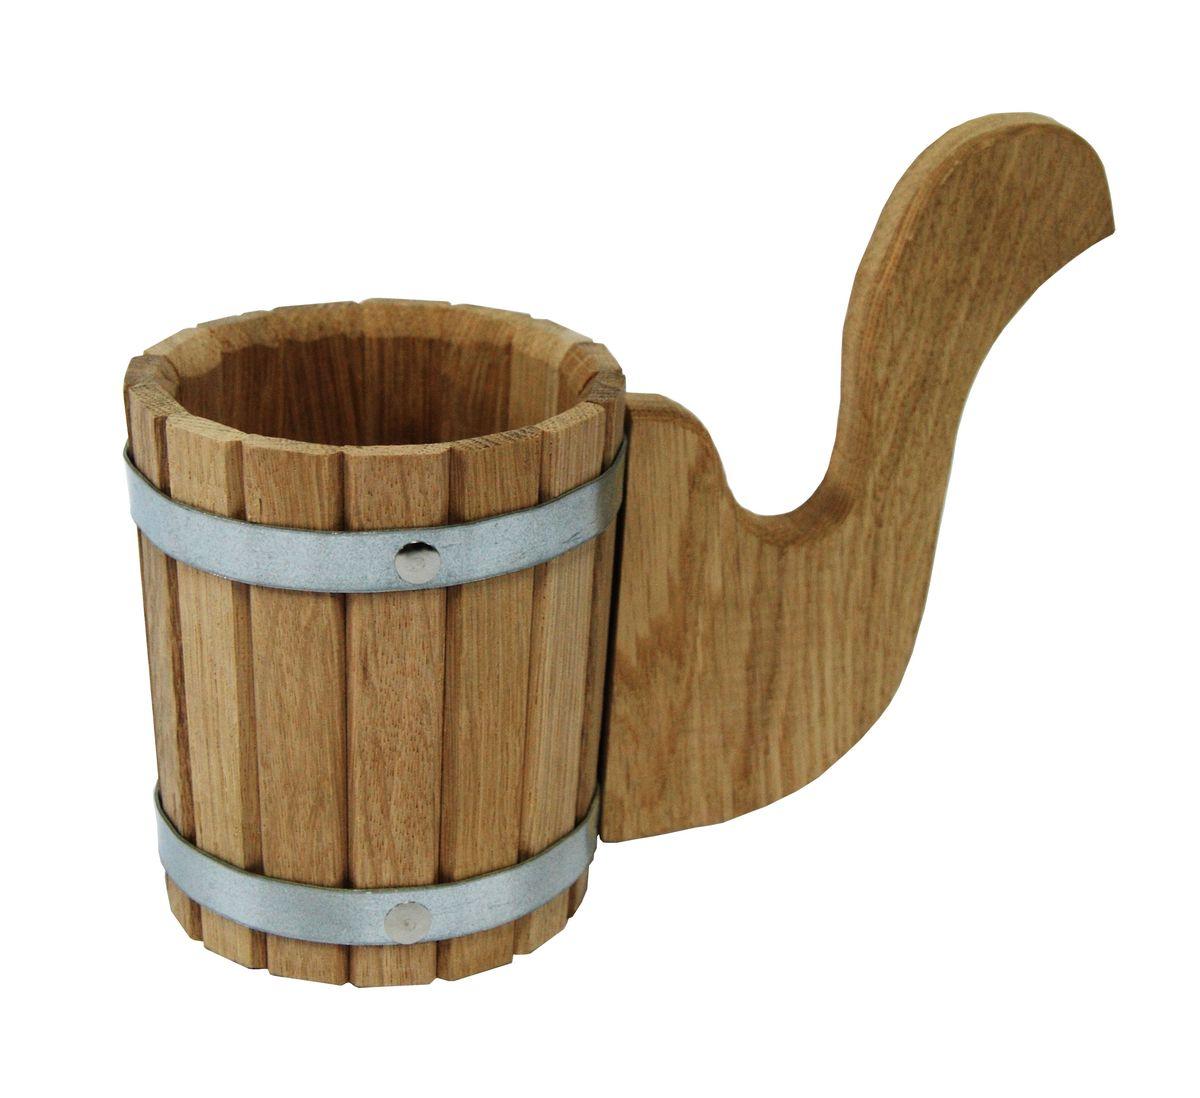 Чарка Proffi Sauna, 0,5 лPS0131Чарка Proffi Sauna выполнена из дубовых брусков, стянутых двумя металлическими обручами. Для более удобного использования чарка имеет эргономичную ручку. Она просто незаменима для подачи напитков, приготовления отваров из трав и ароматических масел, также подходит для декора или в качестве сувенира. Чарка является одной из тех приятных мелочей, без которых не обойтись при принятии банных процедур.Эксплуатация бондарных изделий.Перед первым использованием бондарное изделие рекомендуется подготовить. Для этого нужно наполнить изделие холодной водой и оставить наполненным на 2-3 часа. Затем необходимо воду слить, обдать изделие сначала горячей, потом холодной водой. Не рекомендуется оставлять бондарные изделия около нагревательных приборов, а также под длительным воздействием прямых солнечных лучей. С момента начала использования бондарного изделия не рекомендуется оставлять его без воды на срок более 1 недели. Но и продолжительное время хранить в таких изделиях воду тоже не следует. После каждого использования необходимо вымыть и ошпарить изделие кипятком. В качестве моющих средств желательно использовать пищевую соду либо раствор горчичного порошка. Правильное обращение с бондарными изделиями позволит надолго сохранить их эксплуатационные свойства и продлить срок использования!Объем чарки: 500 мл. Диаметр чарки по верхнему краю: 11 см. Высота чарки (без учета ручки): 18 см.